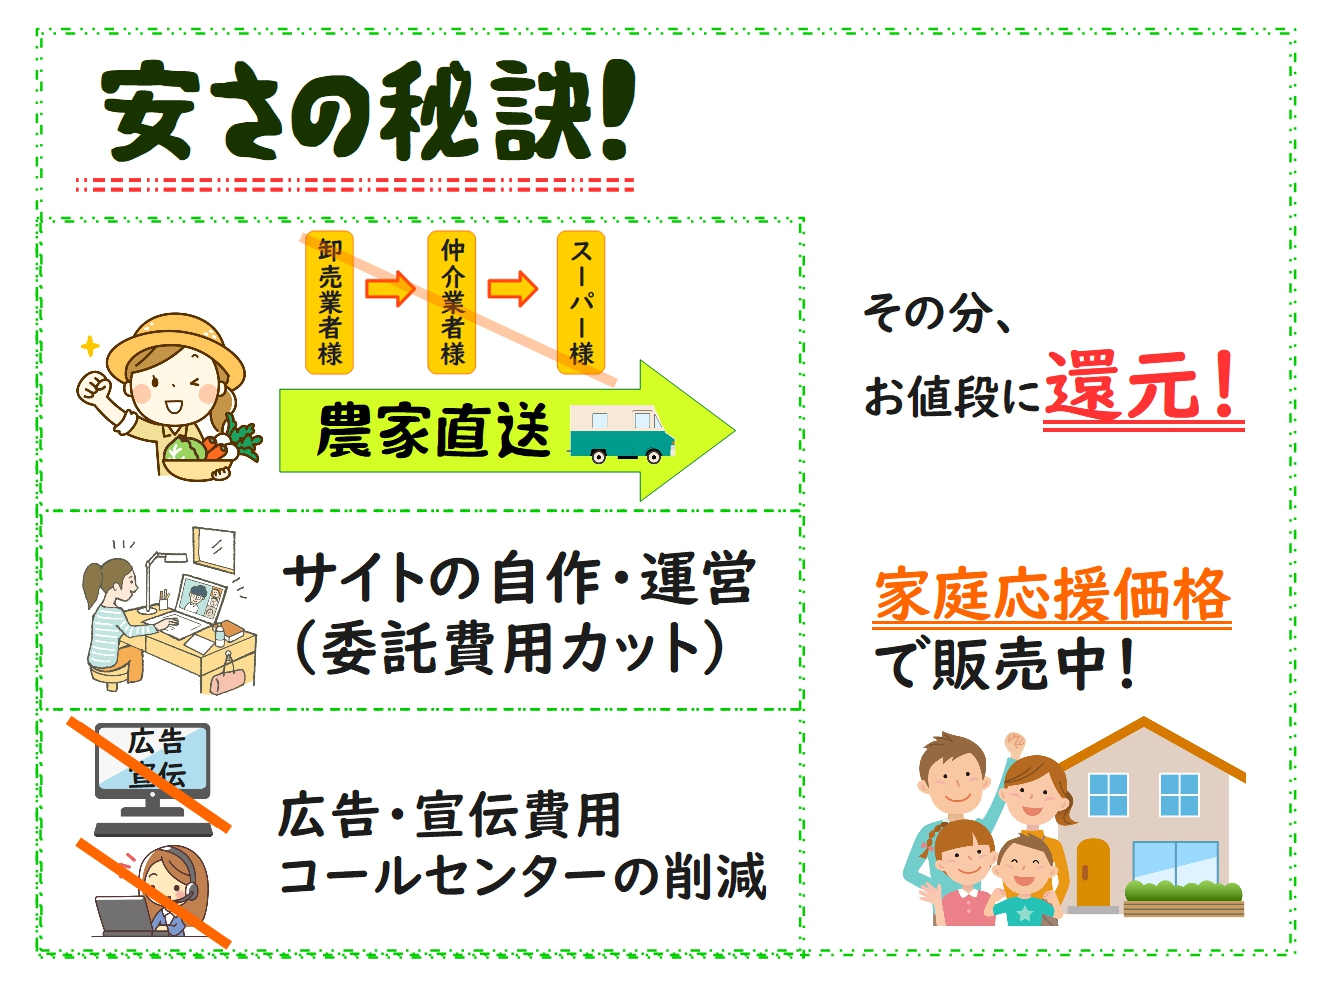 aoyuzu024.jpg